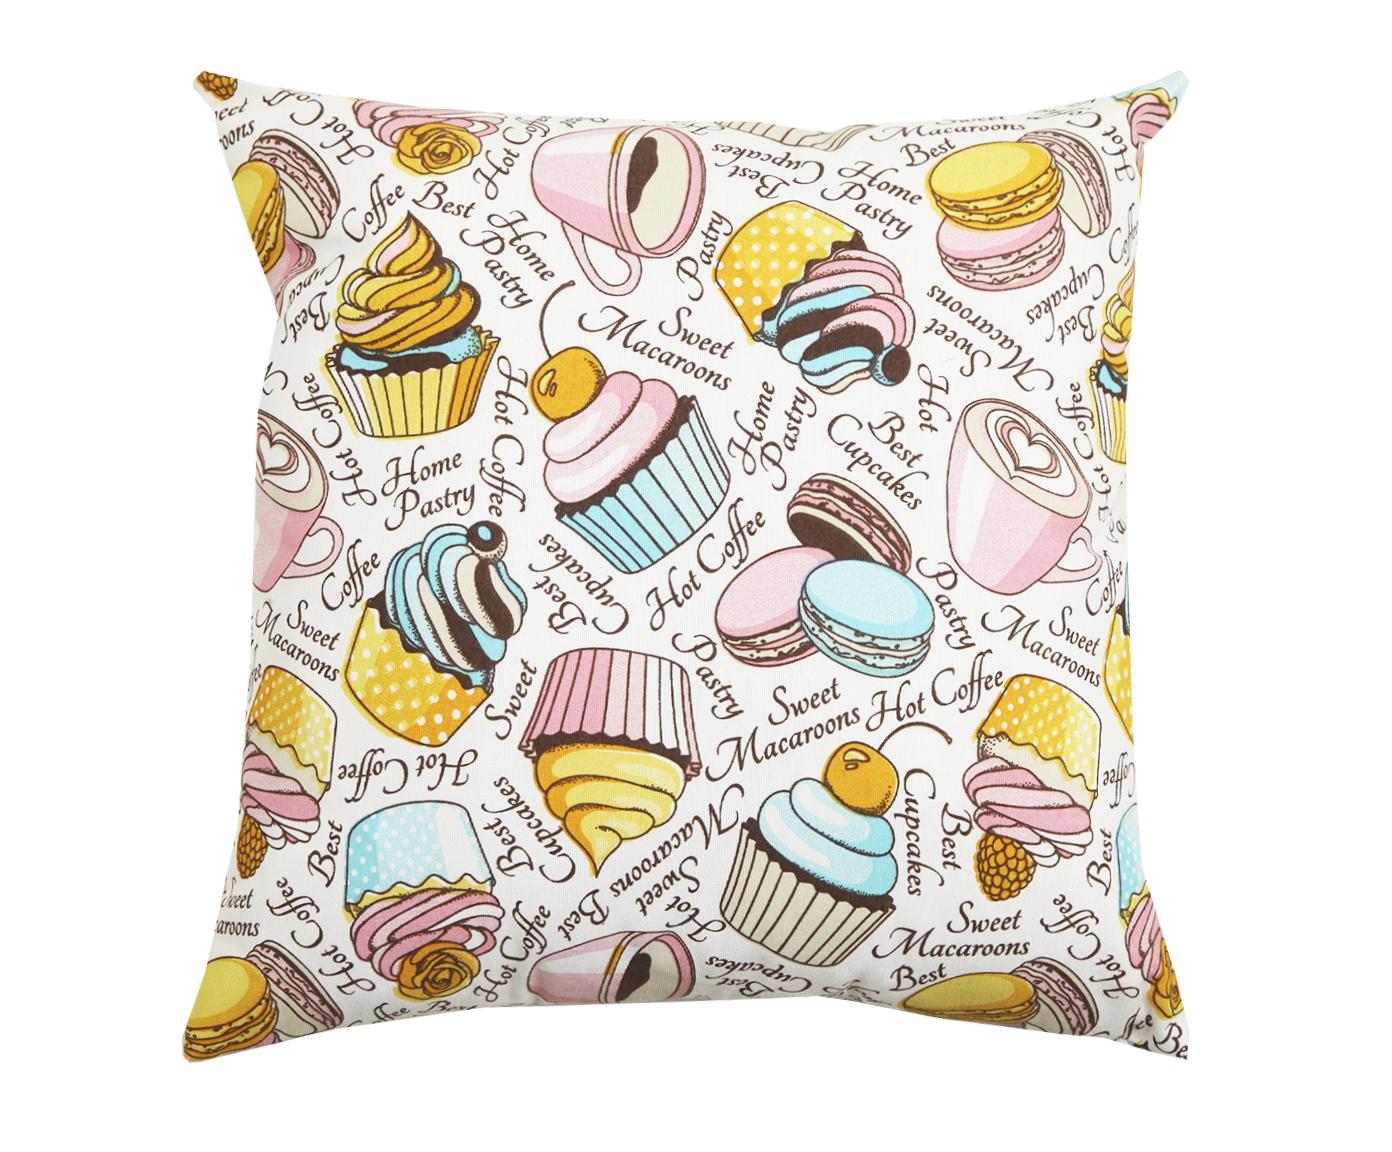 Подушка Pink cakeКвадратные подушки и наволочки<br>Декоративная  подушка .Чехол съемный.<br><br>Material: Хлопок<br>Ширина см: 45<br>Высота см: 45<br>Глубина см: 15